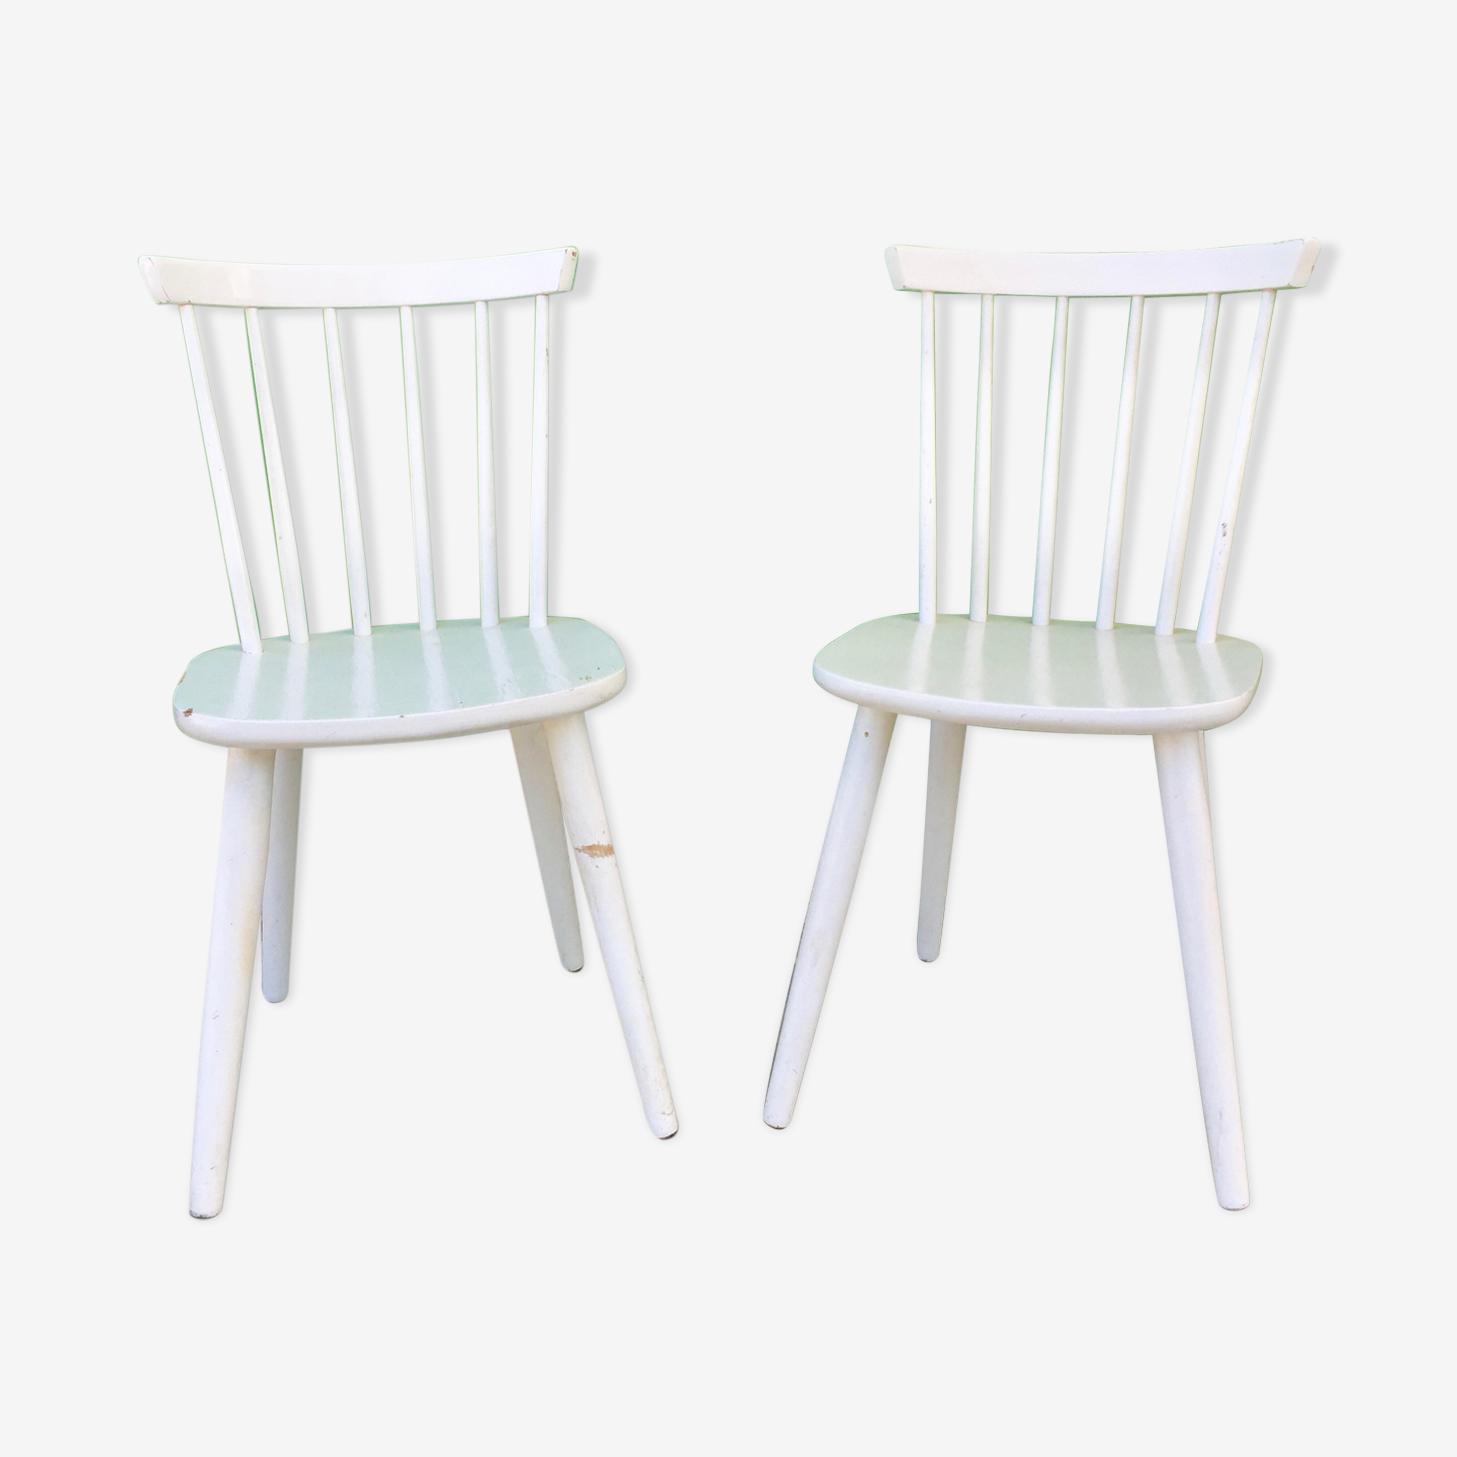 Paire de chaises anglaises vintage à barreaux